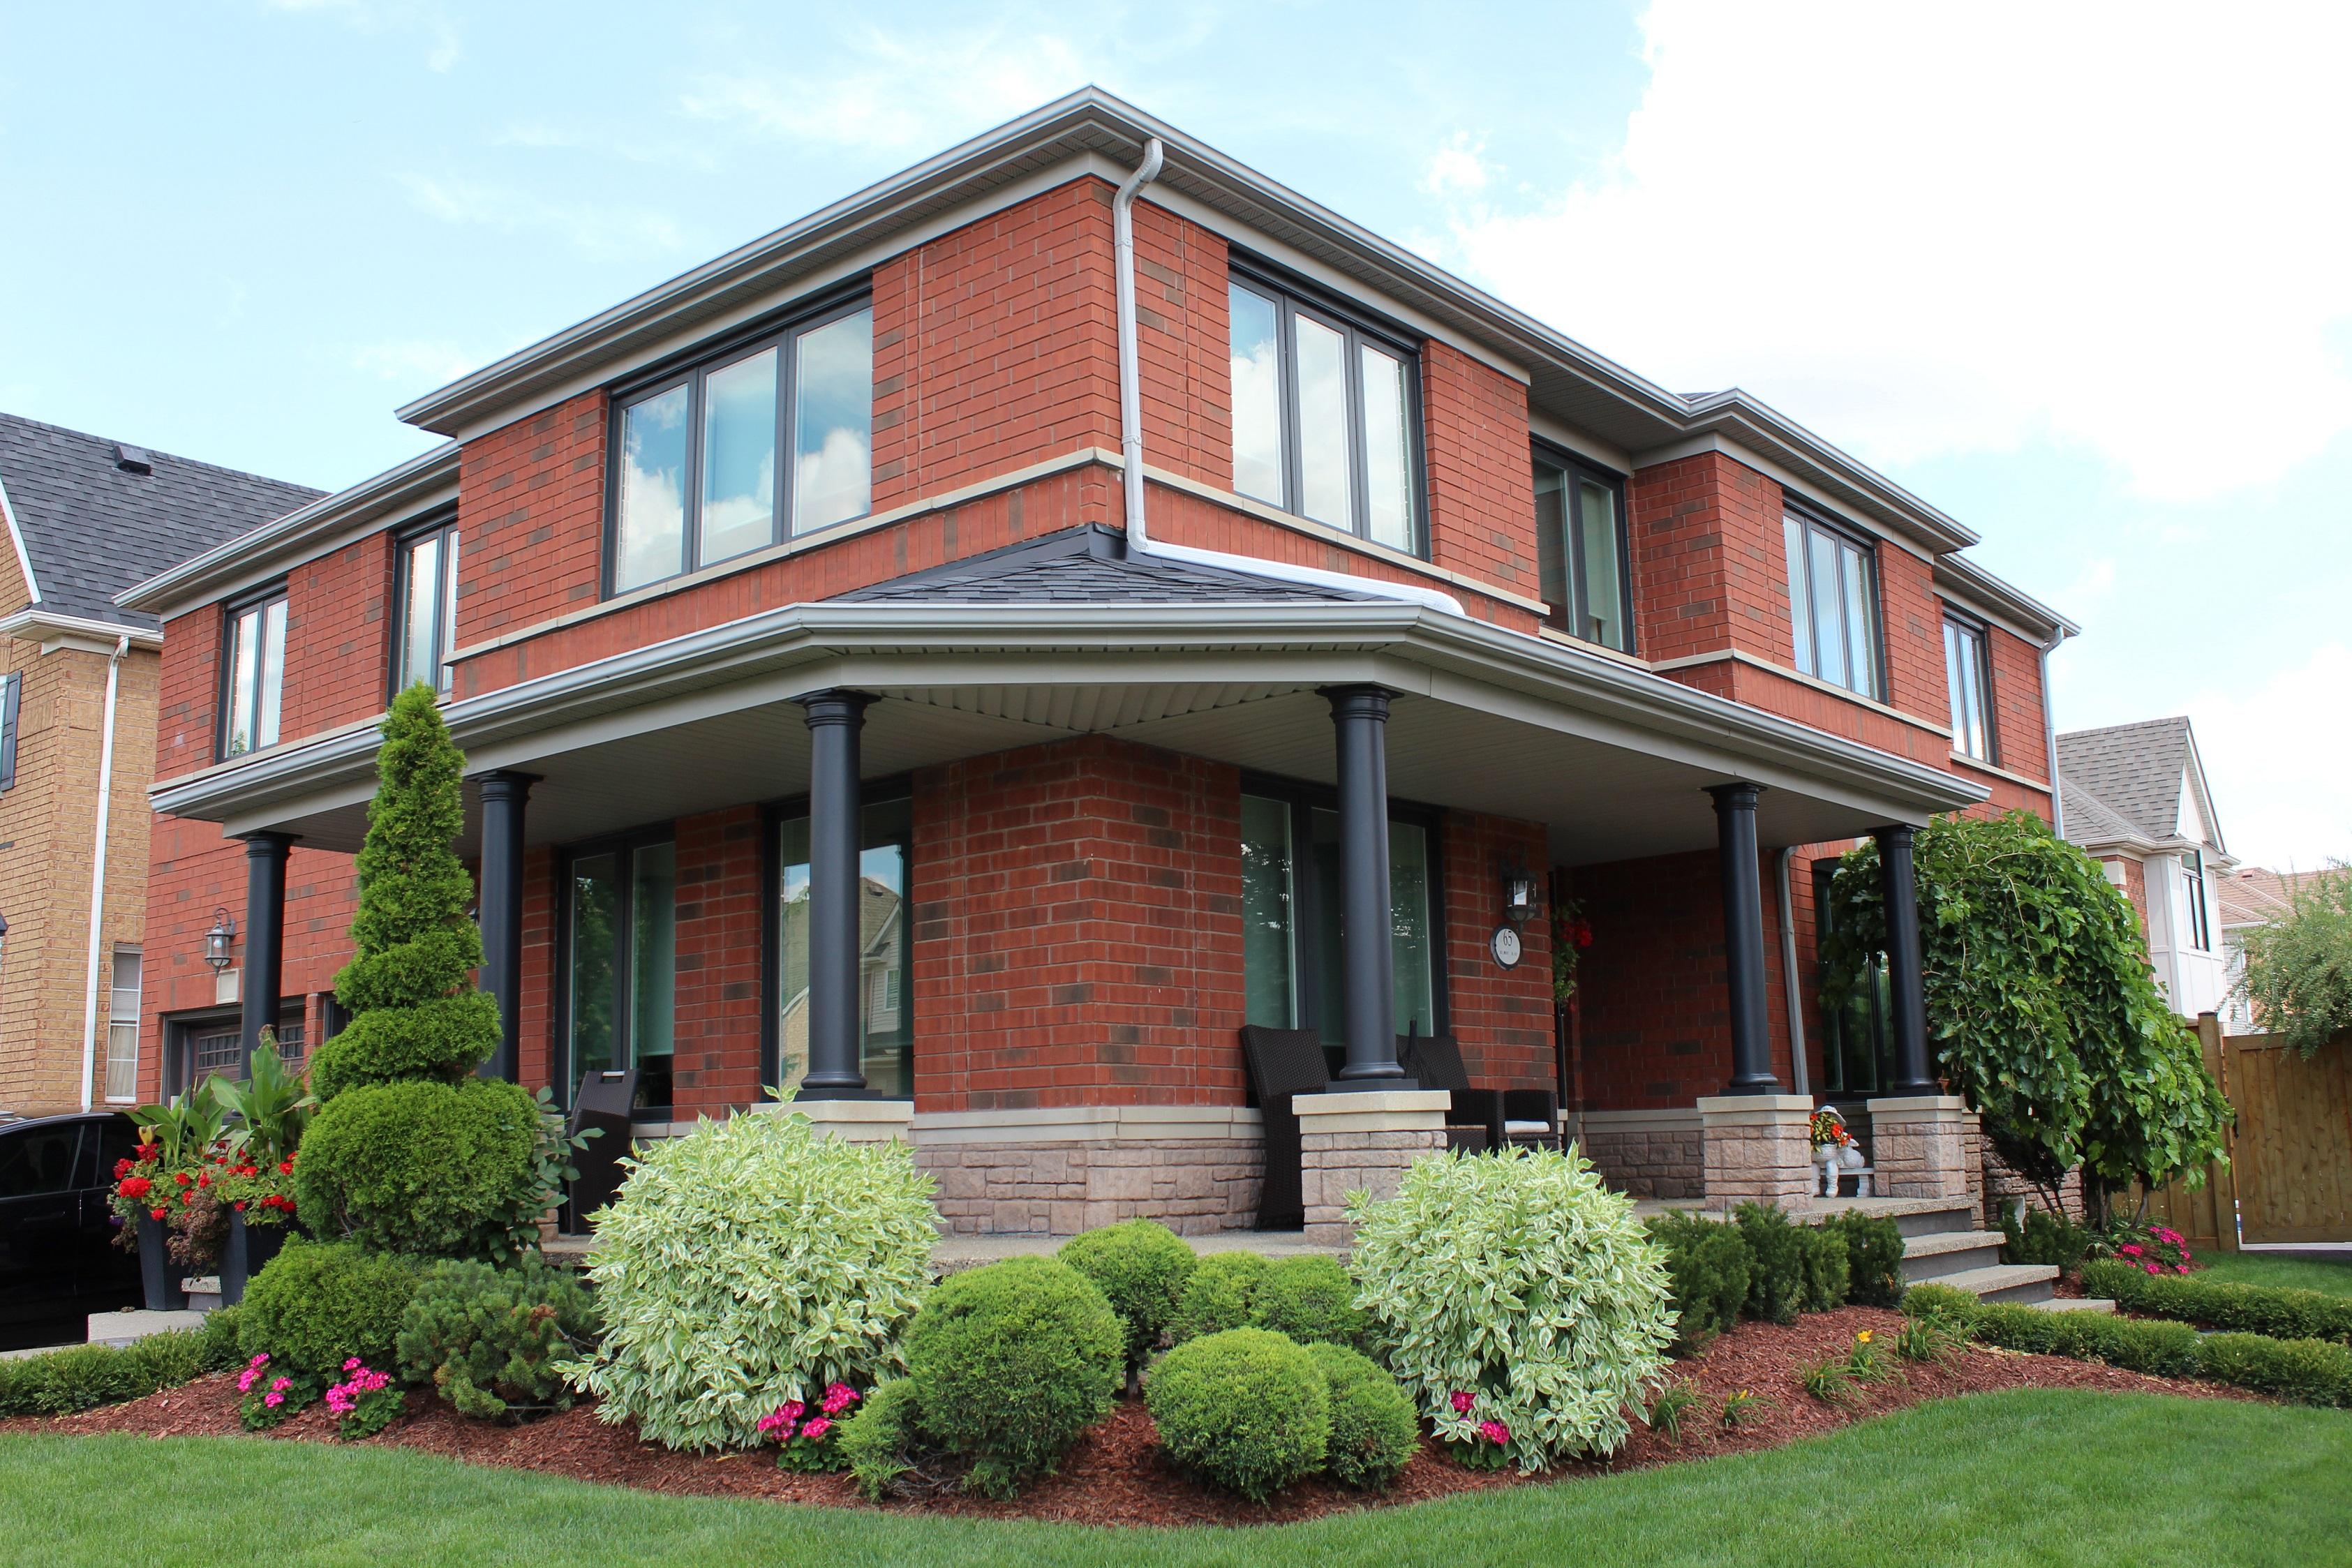 Buy Wise Windows & Doors   11 Mountainview Road N., Georgetown, OntarioL7G 4T3   Phone: 905.873.0236